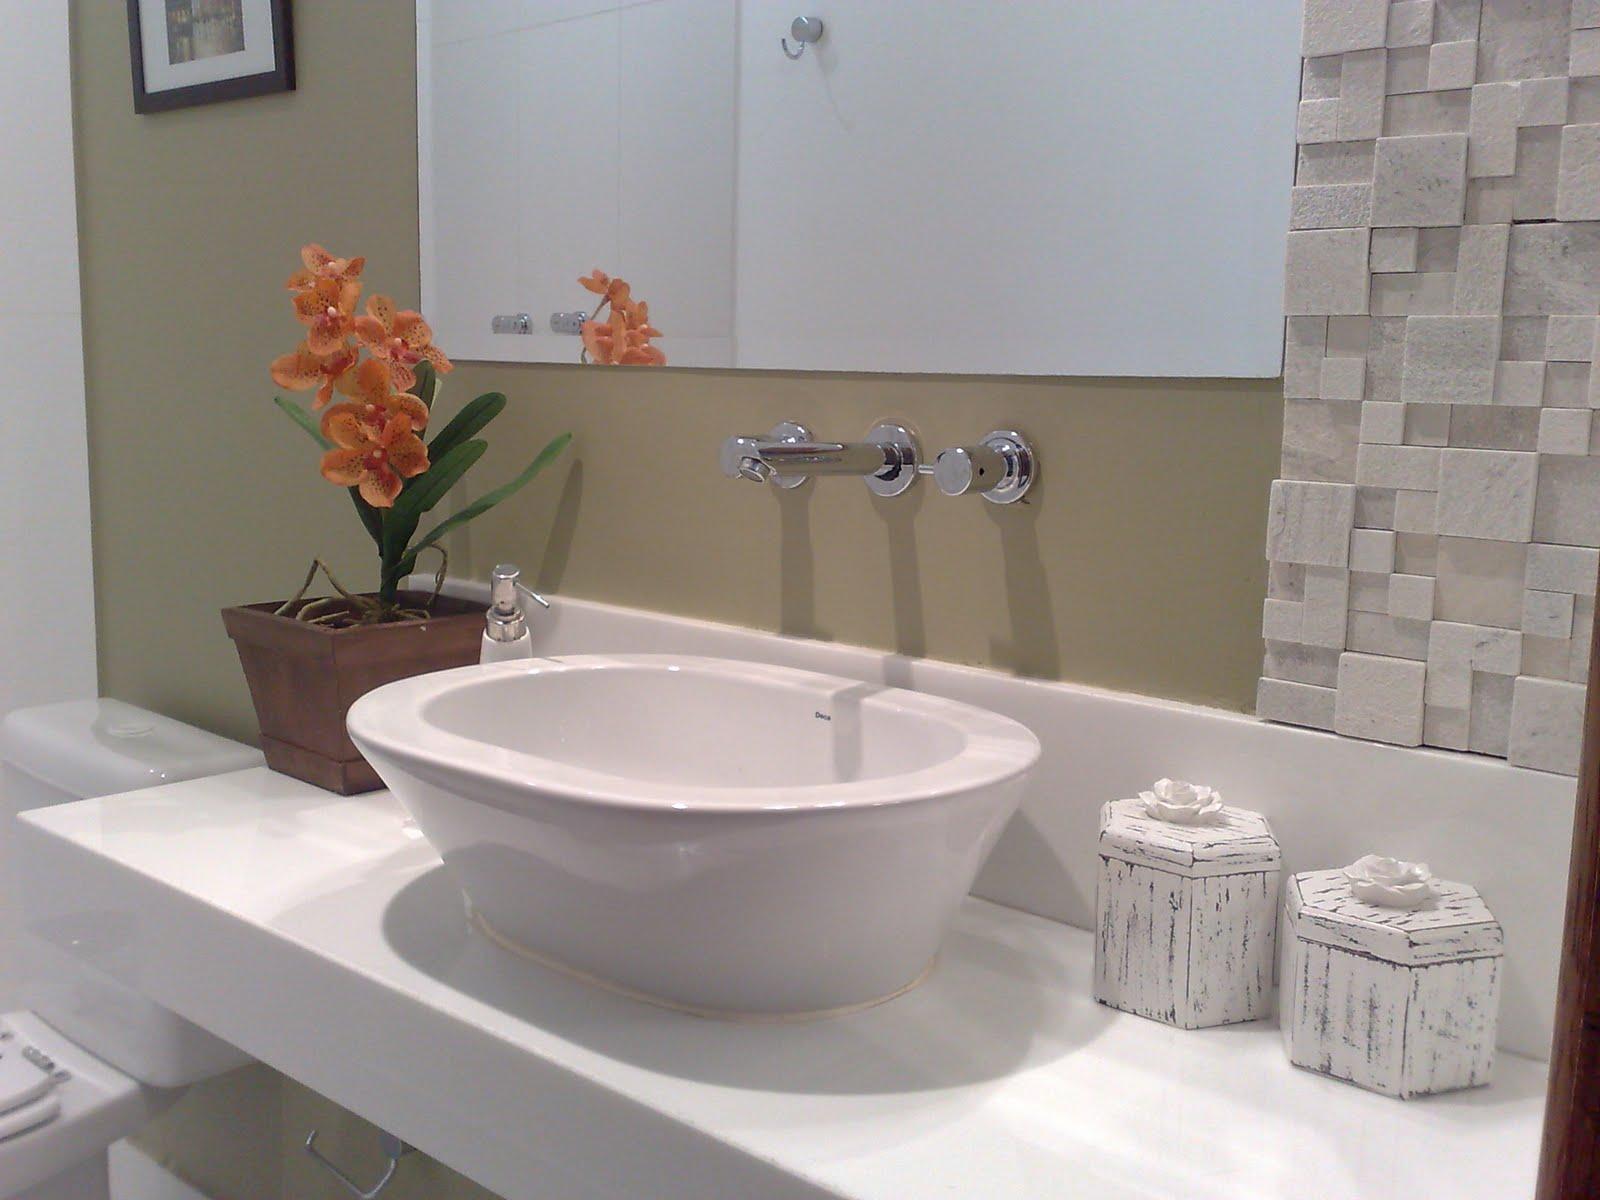 #6B4336 lavabo decoracao barata:Decoracao De Lavabo 1600x1200 px Banheiro Decoração Barata 3701